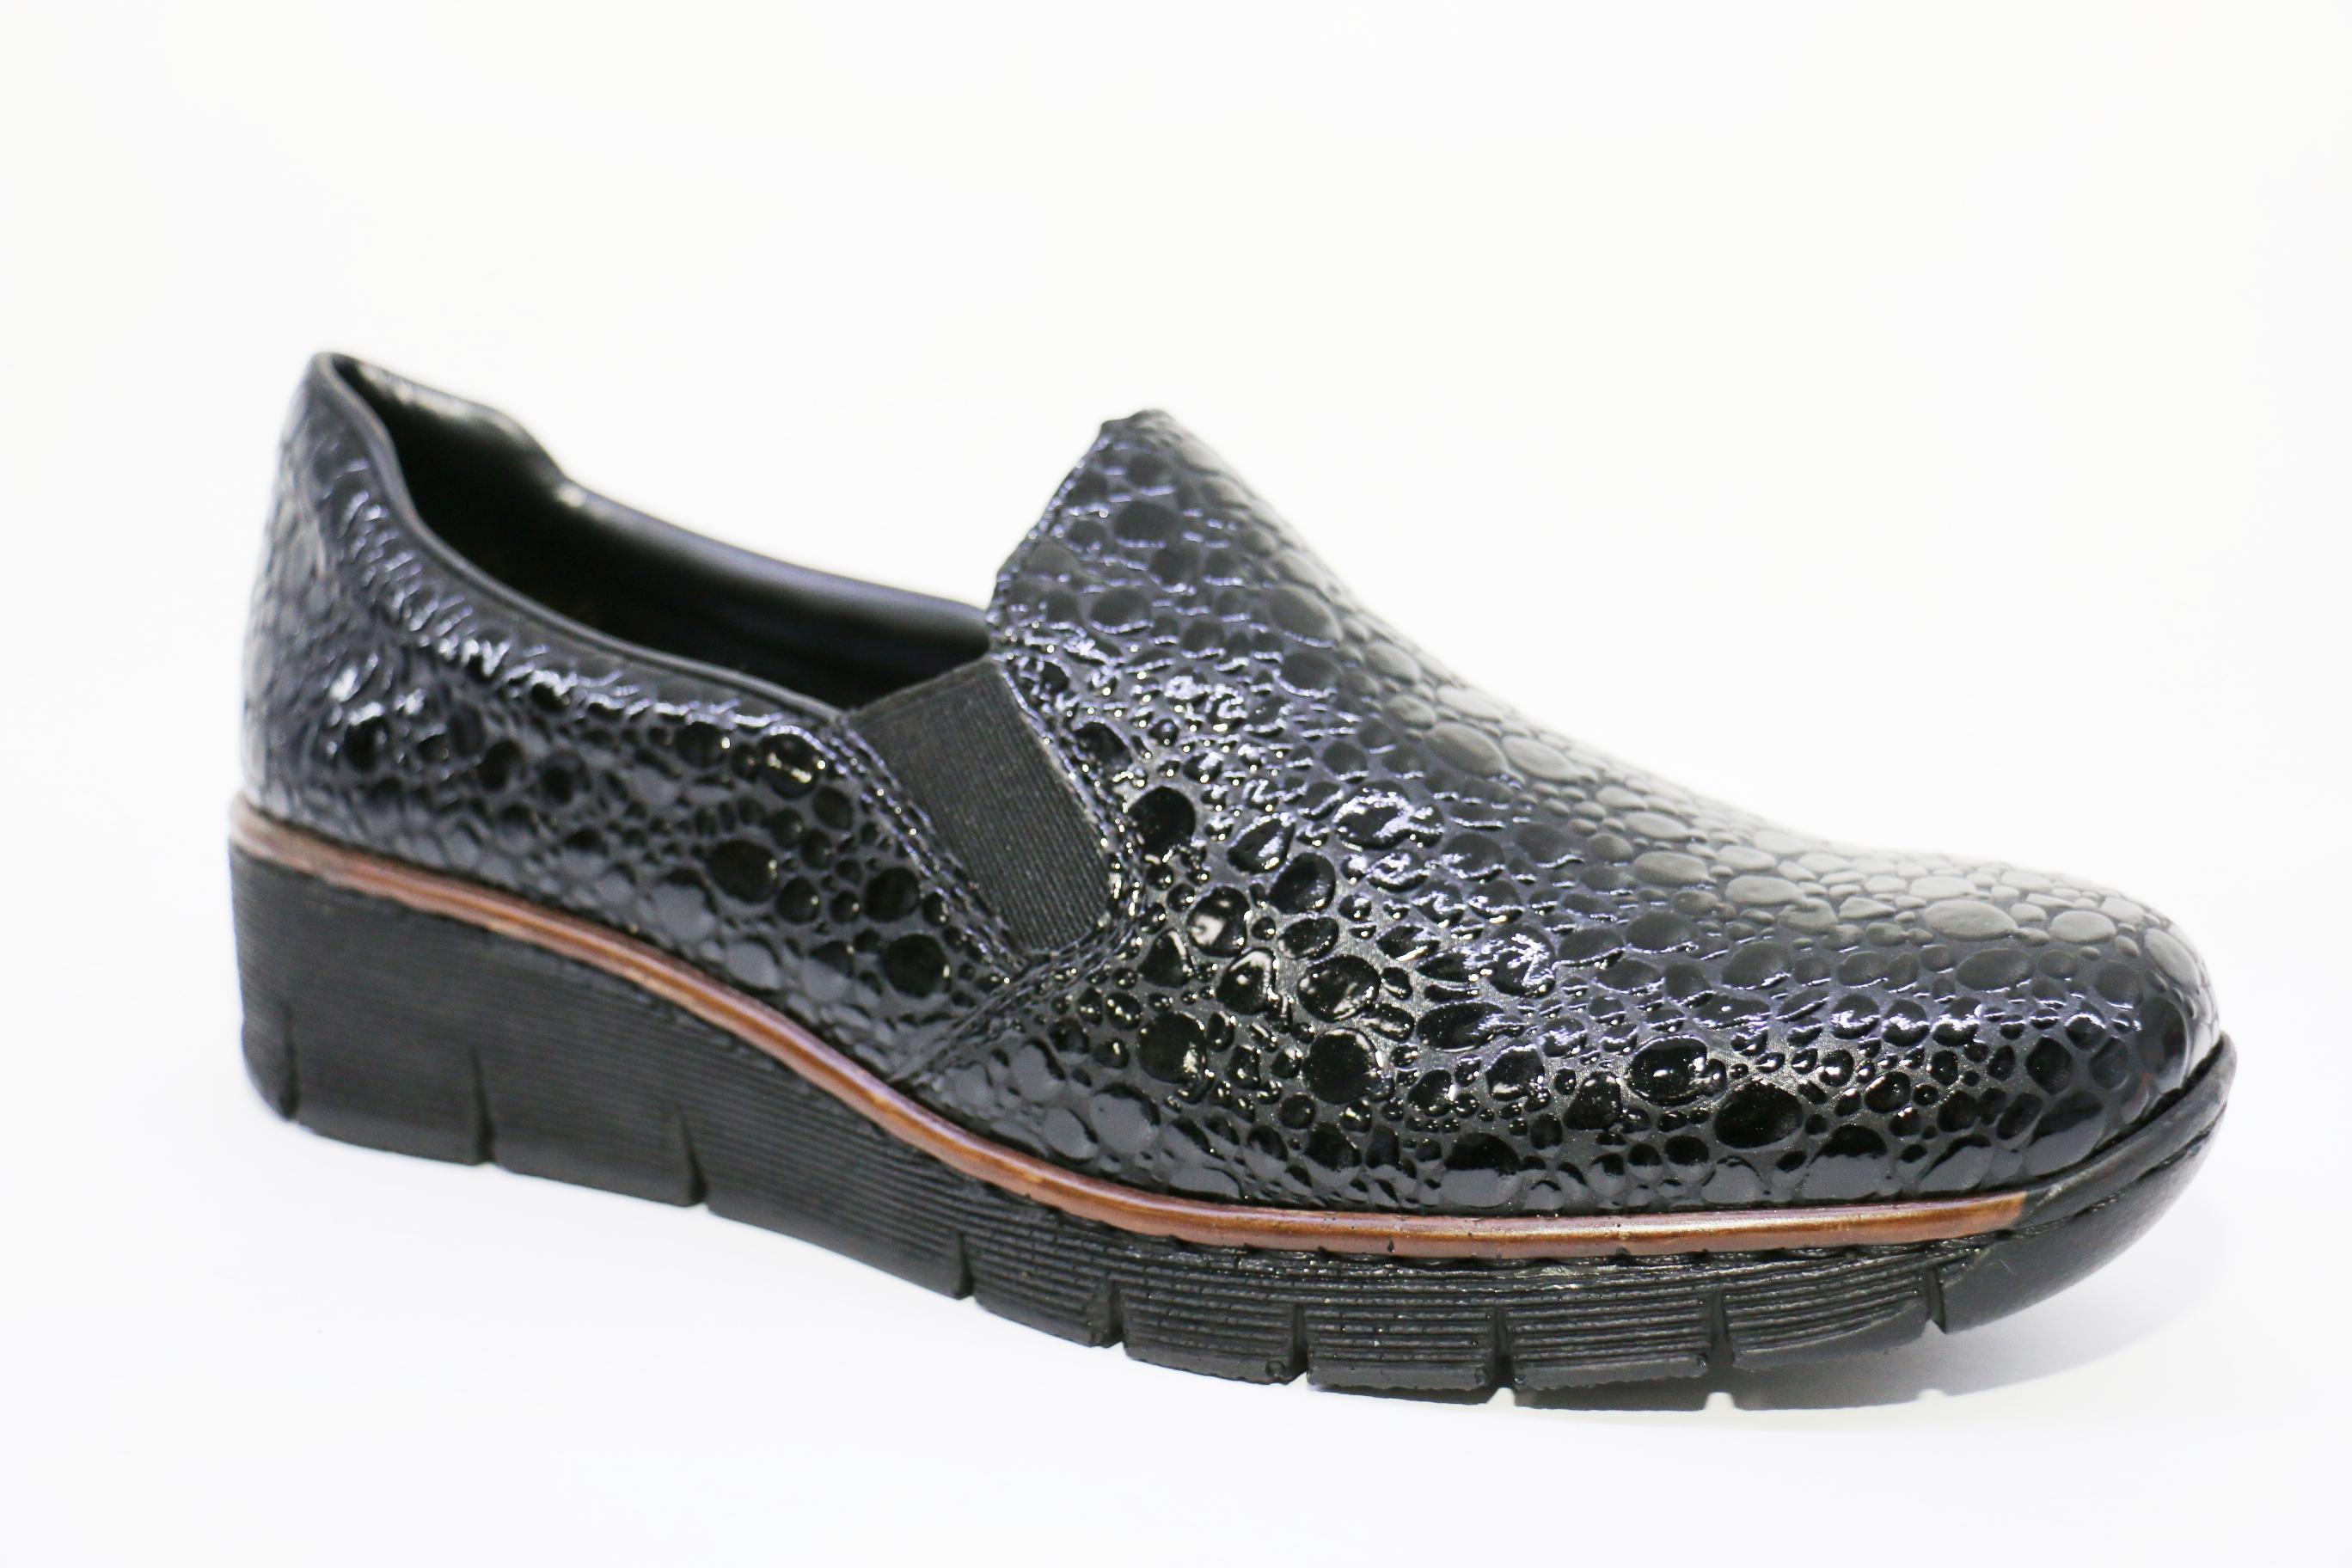 68678dc55 Rieker | Обувь из Германии.Немецкая обувь.